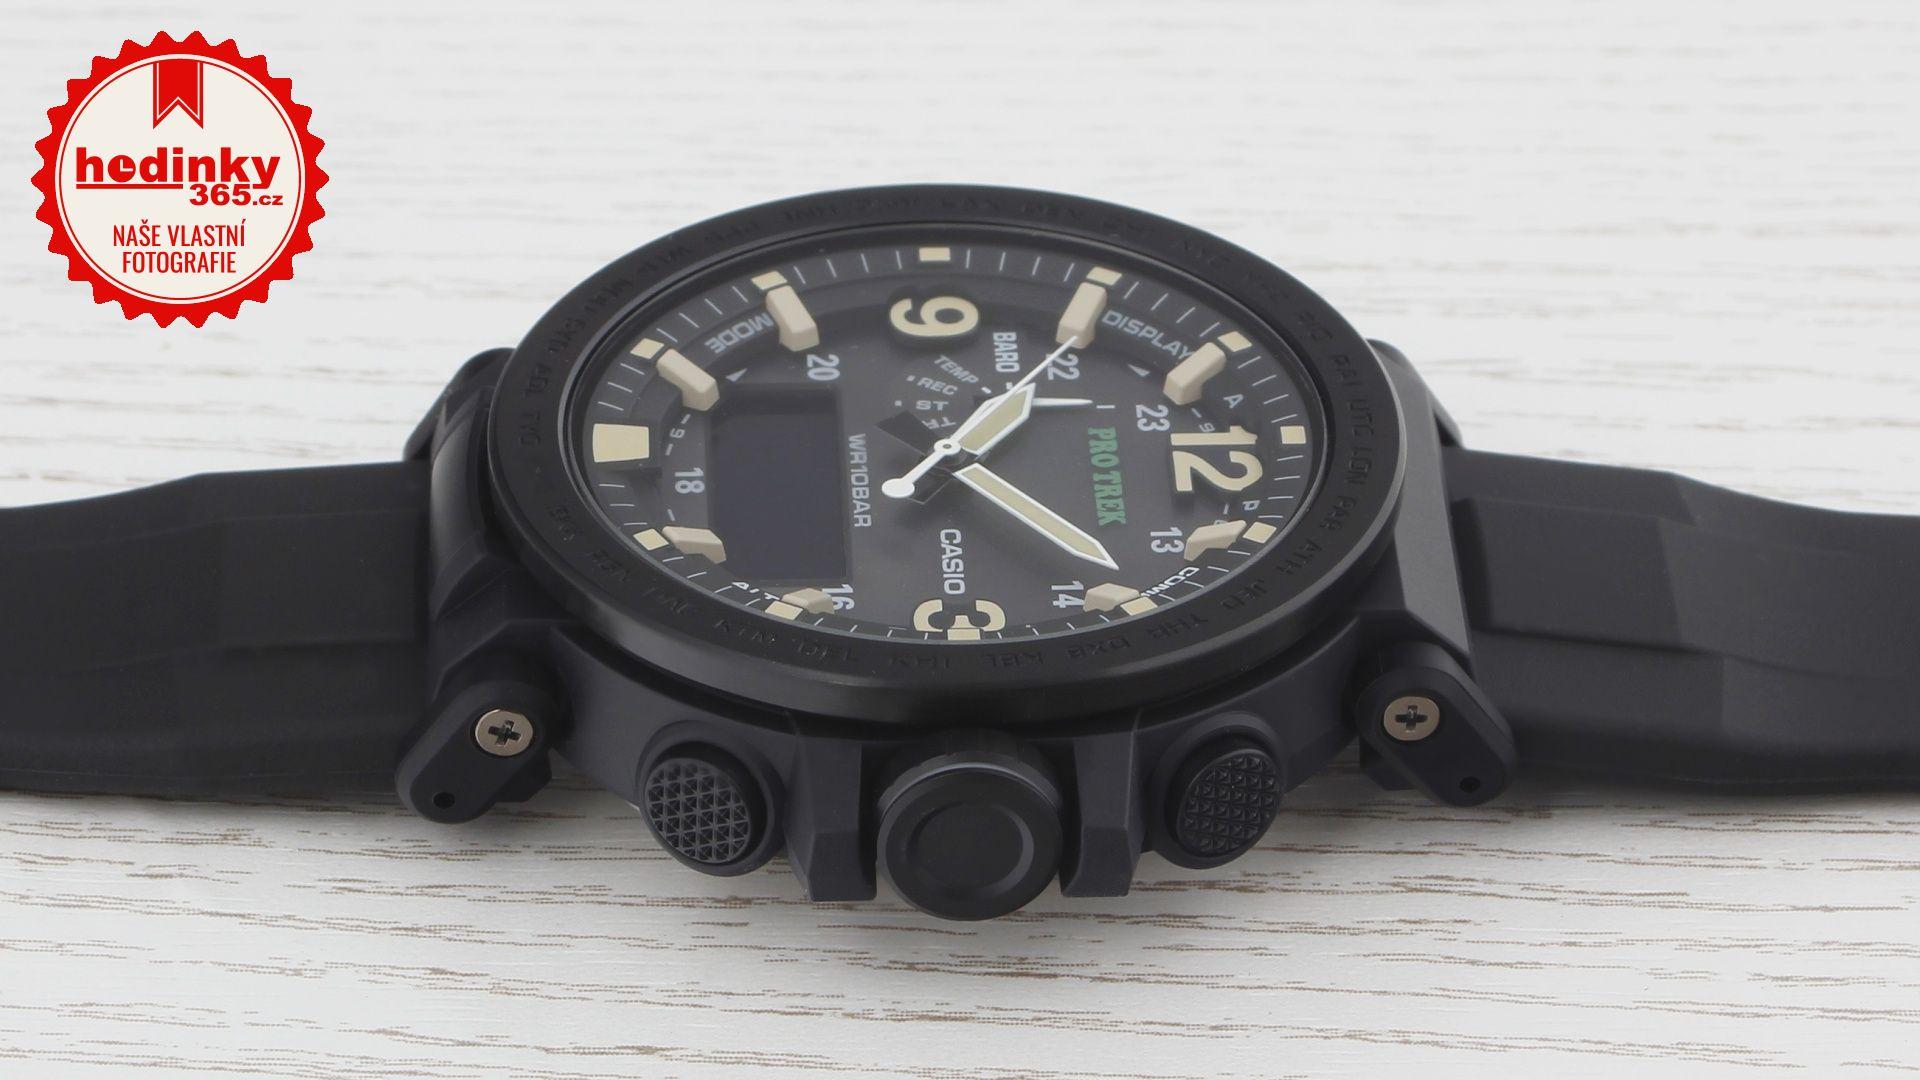 b351be45f Casio Protrek PRG-600Y-1ER | Hodinky-365.cz